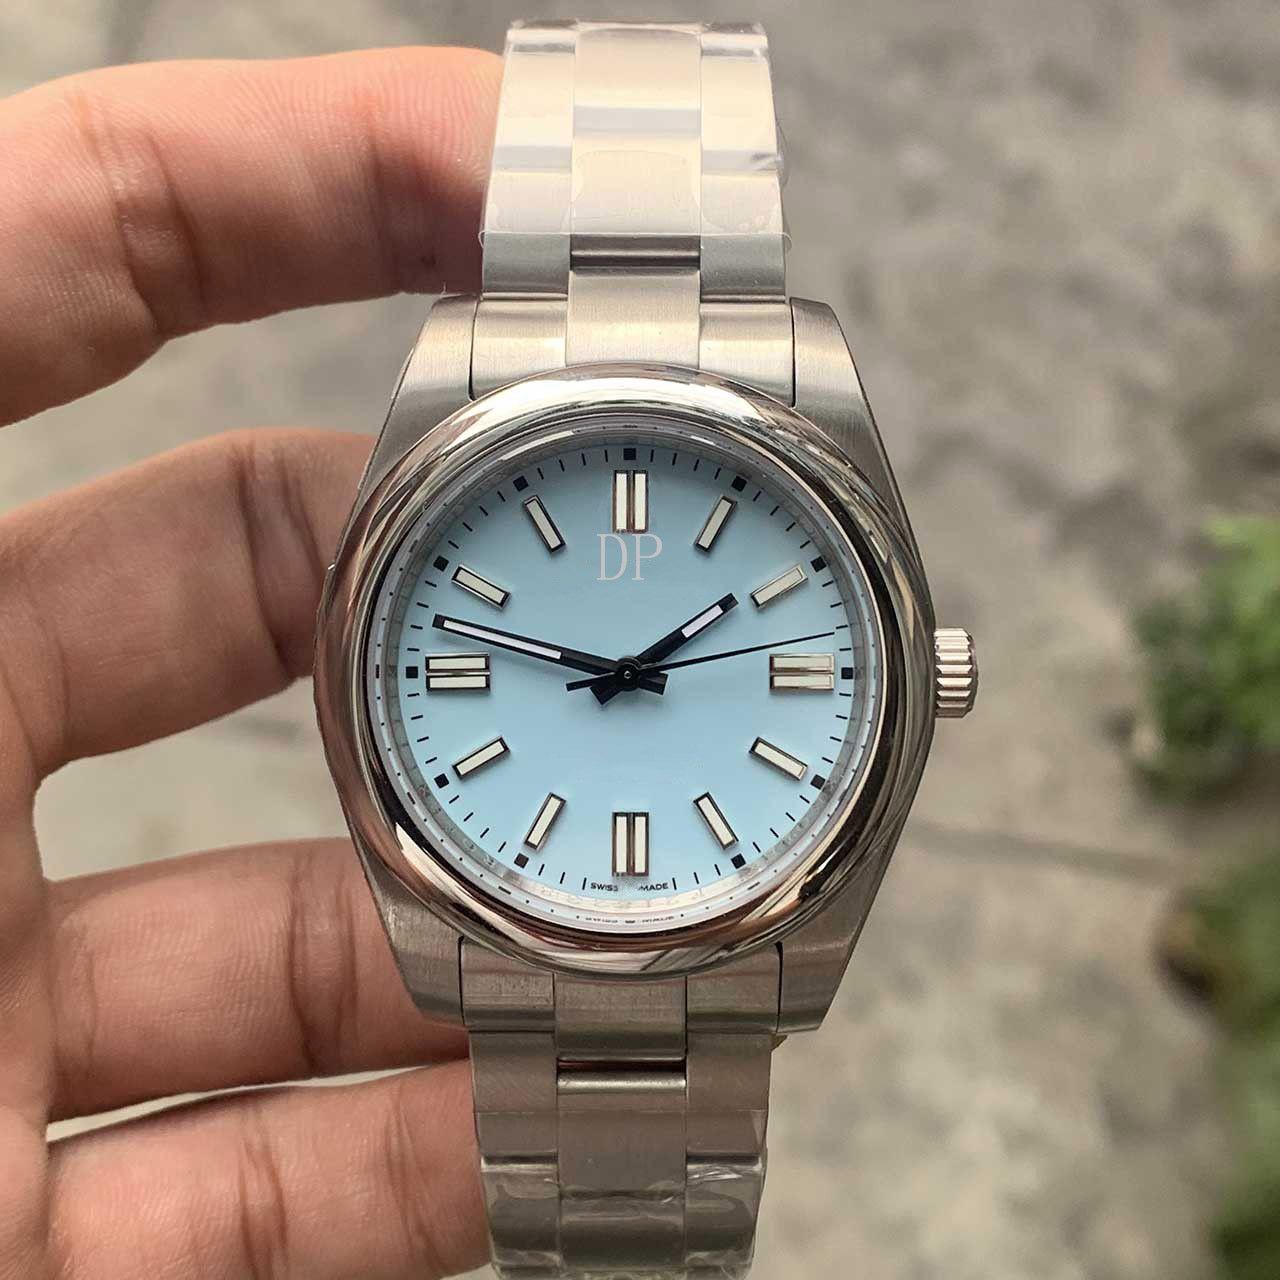 Chaud Nouveau modèle Hight Quality Hommes Regardez des montres en acier inoxydable Mouvement mécanique Automatic Sapphire Glass Watch 124300